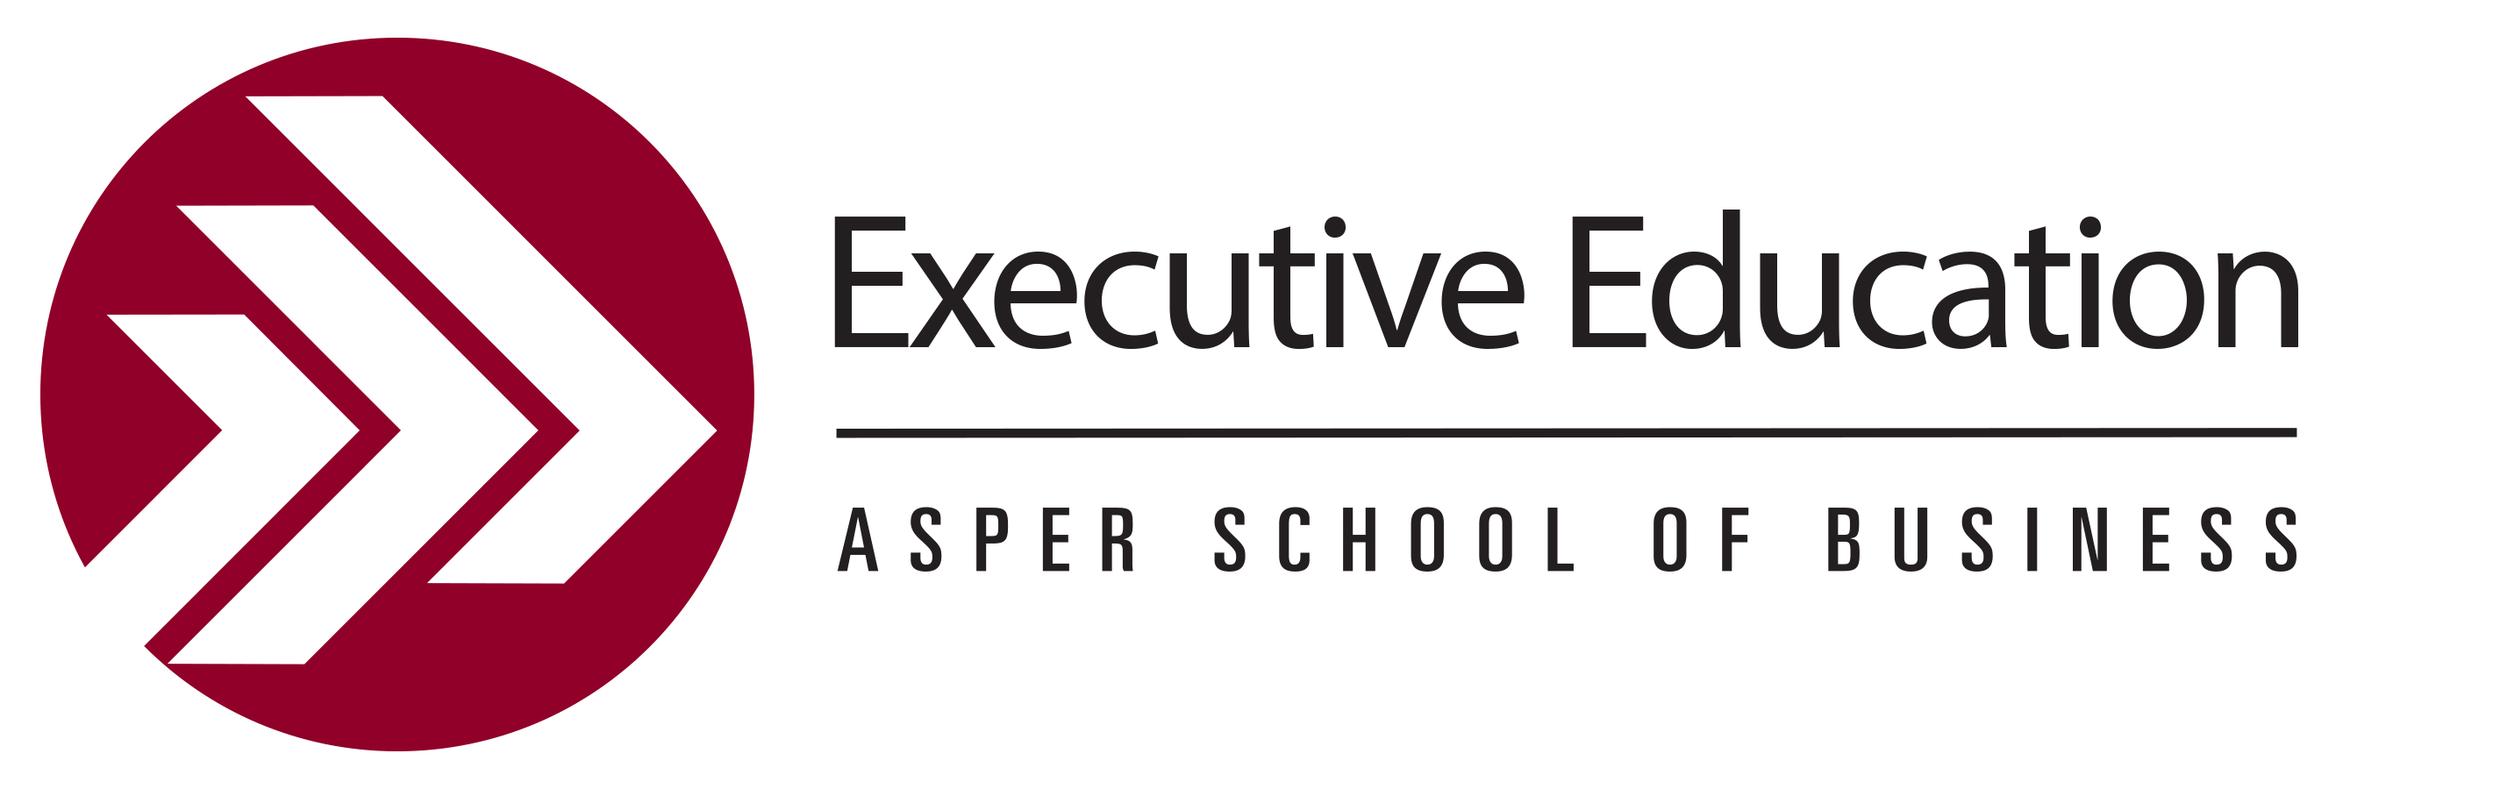 Asper Exec Ed logo.png